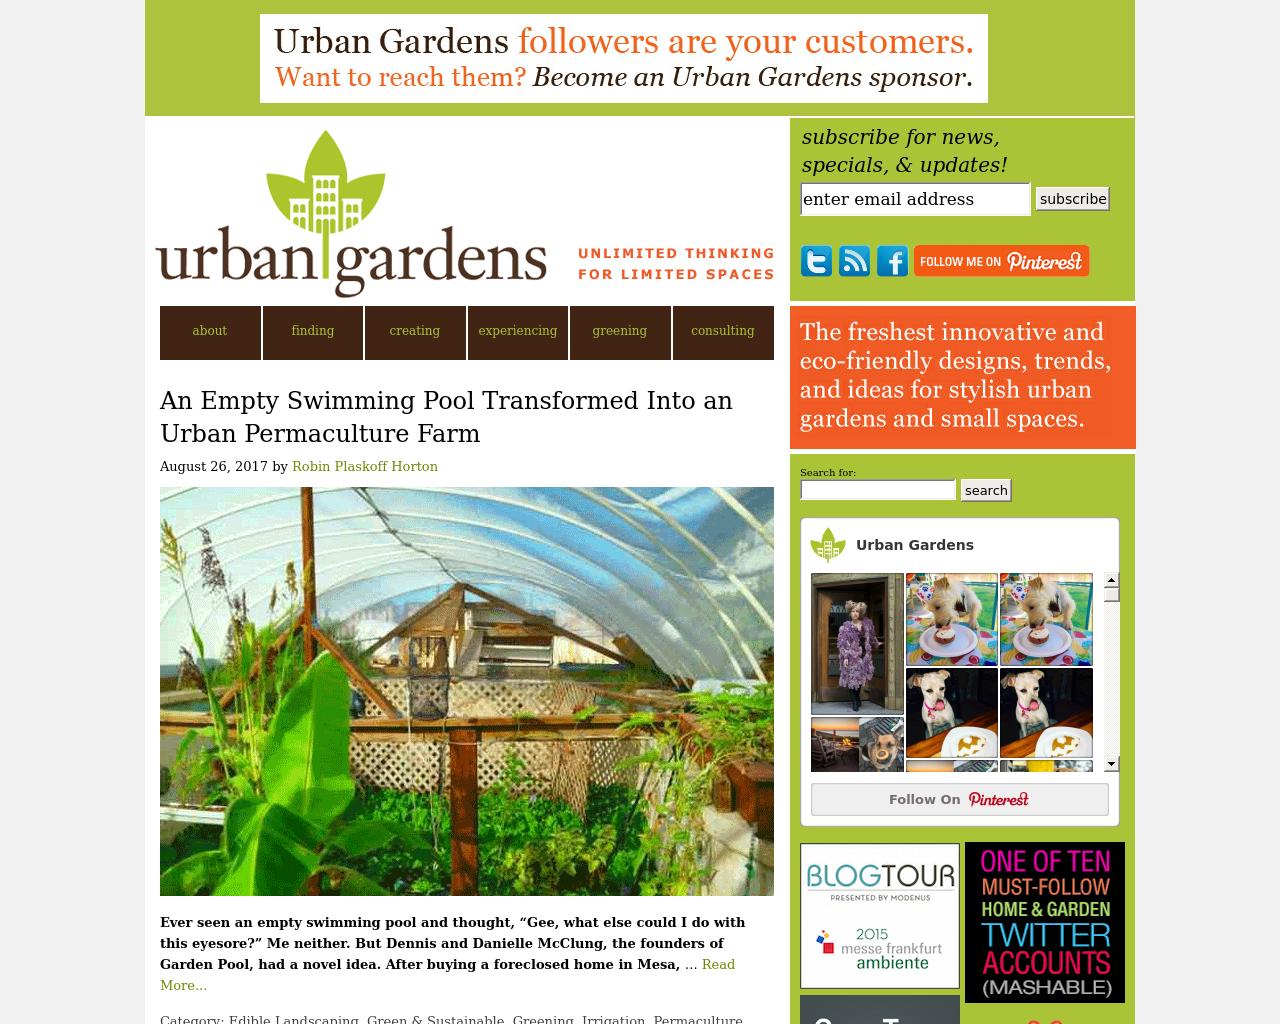 Urban-Gardens-Advertising-Reviews-Pricing